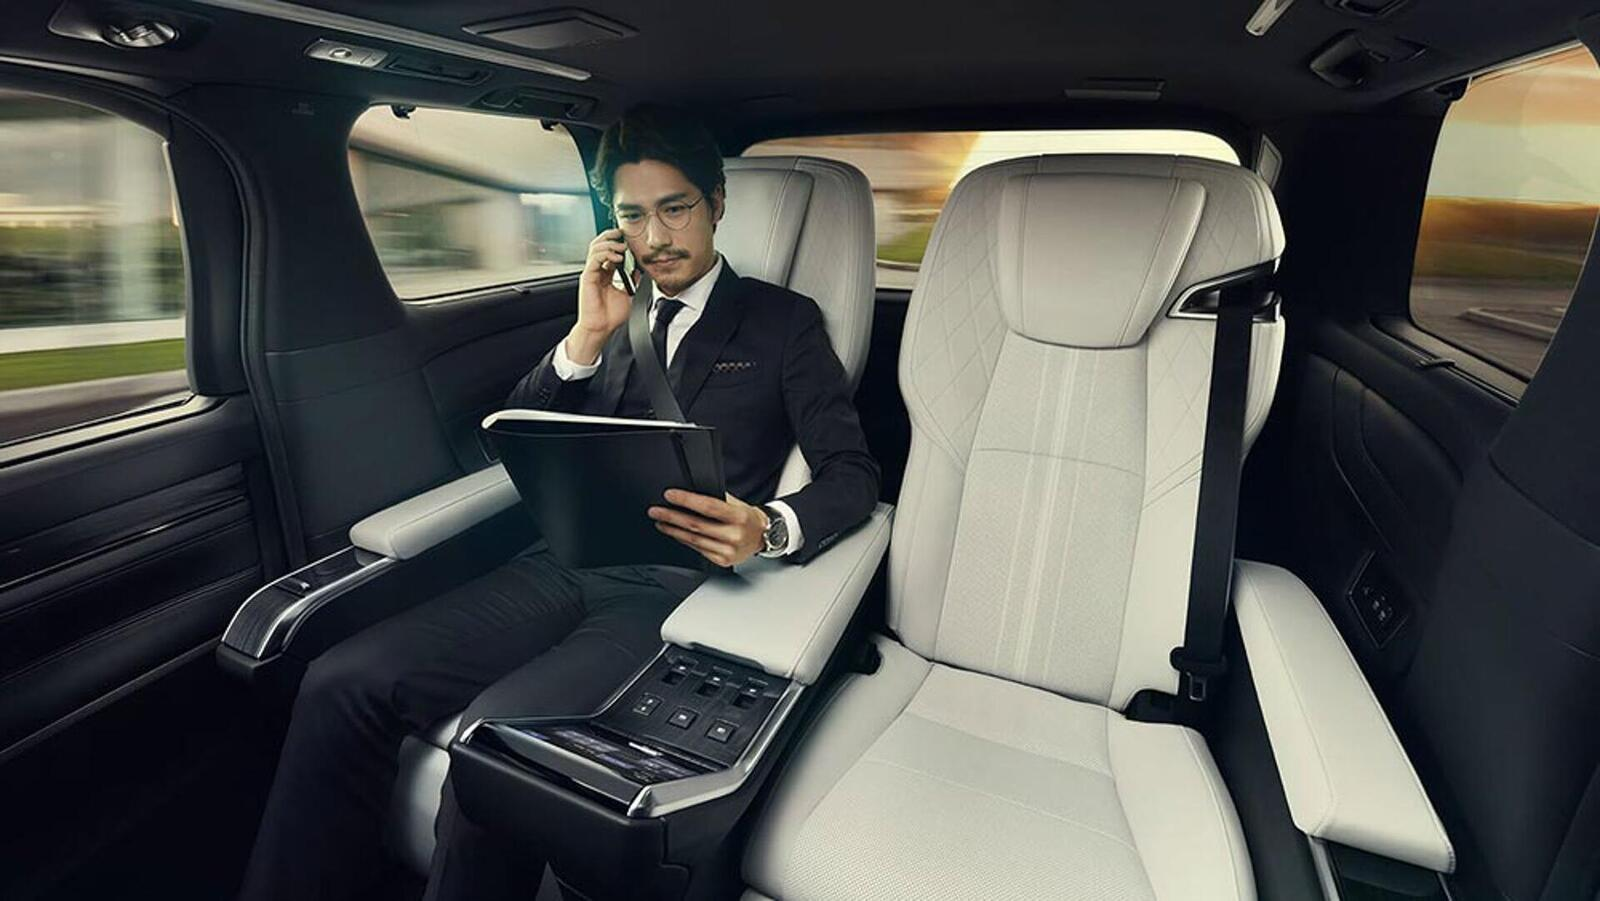 Lexus giới thiệu LM hoàn toàn mới: Chiếc minivan mang đẳng cấp khác biệt so với Toyota Alphard - Hình 6